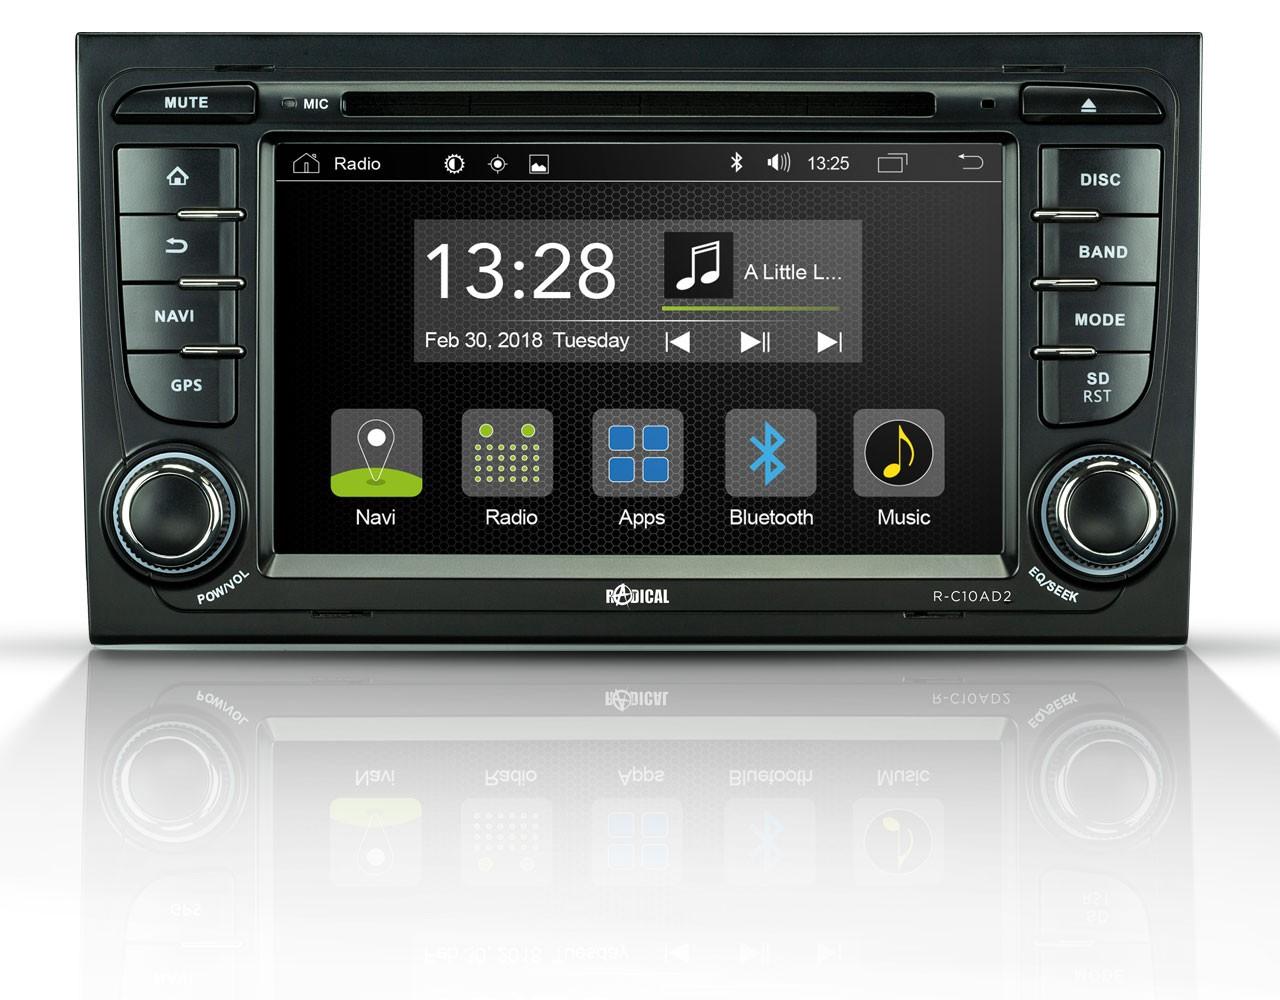 Radical R-C10AD2 Fahrzeugspezifischer Infotainer für Audi A4